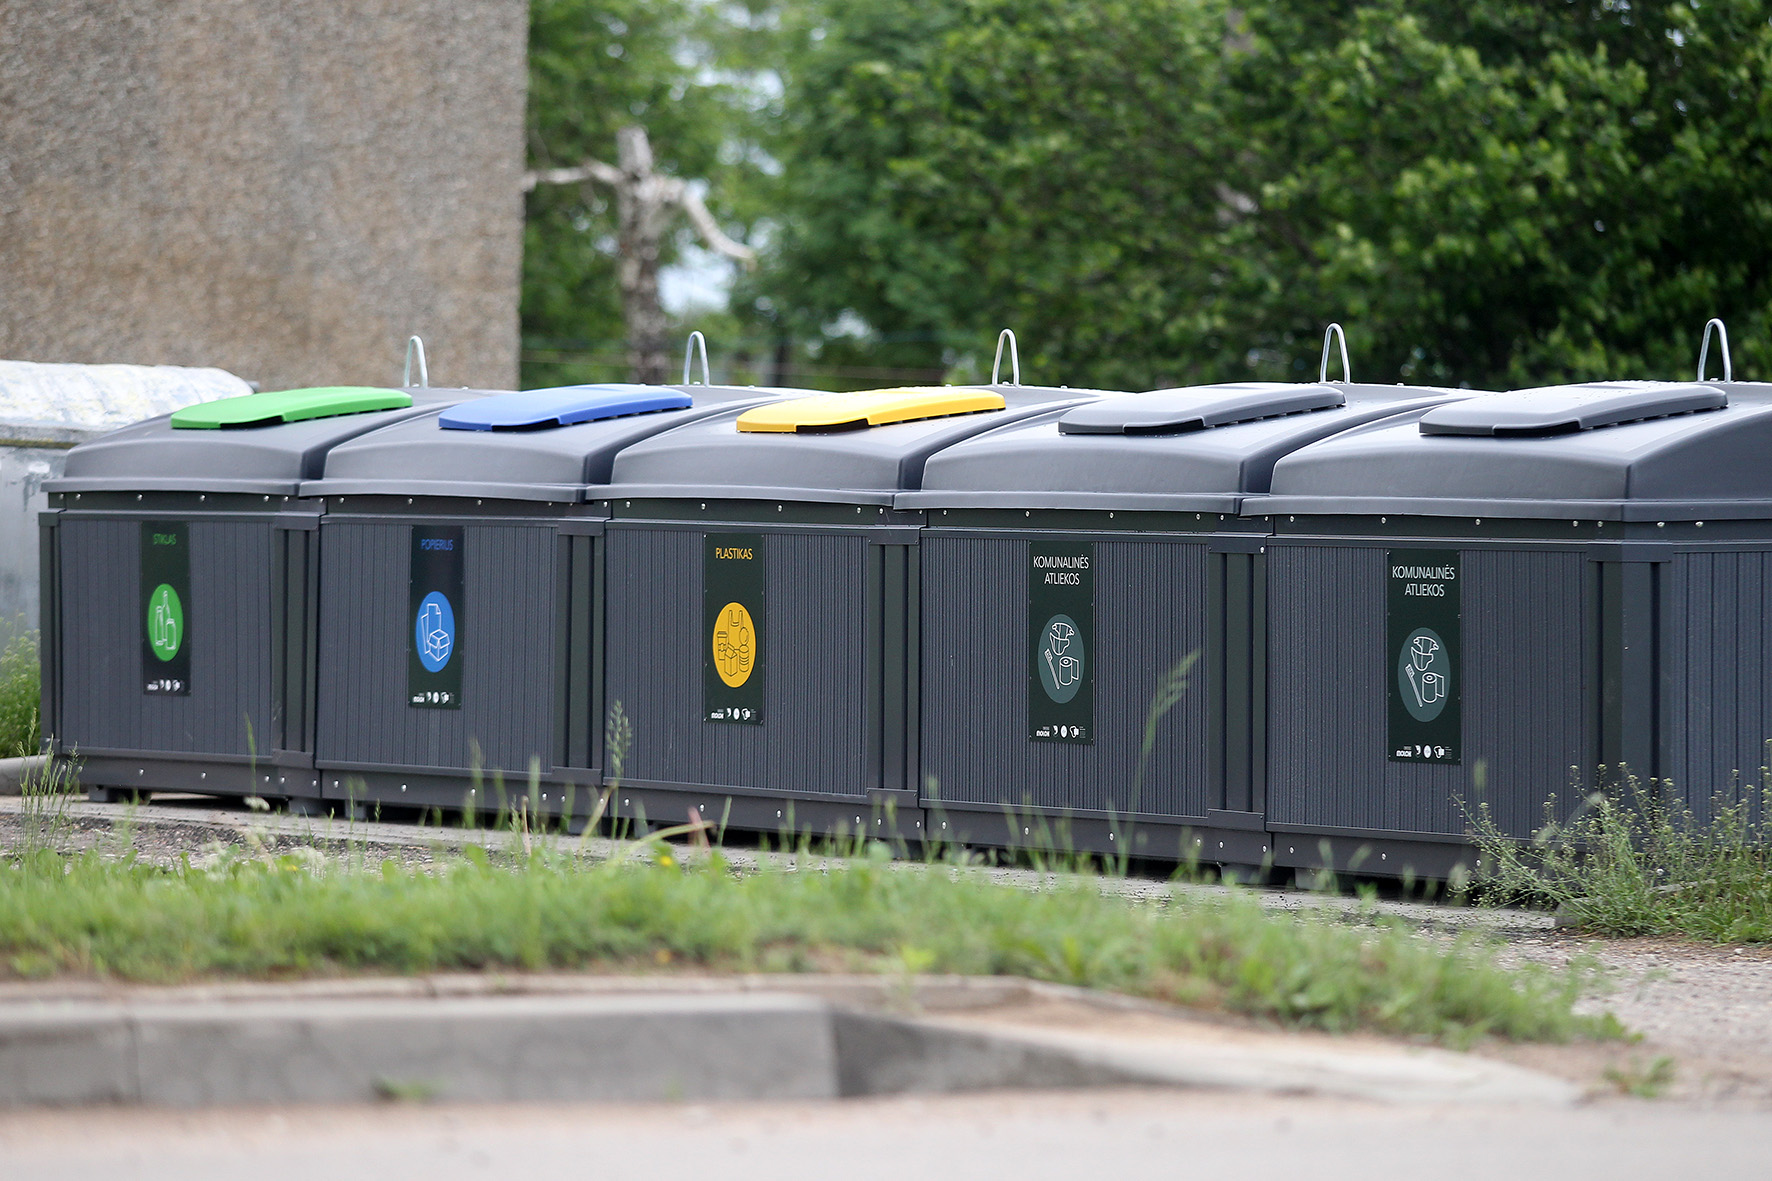 Nauji atliekų rūšiavimo konteineriai džiugina ne visus. Džiaugsmo jie neteikia tiems, kuriems pastatomi per arti daugiabučių. Algimanto Barzdžiaus nuotr.